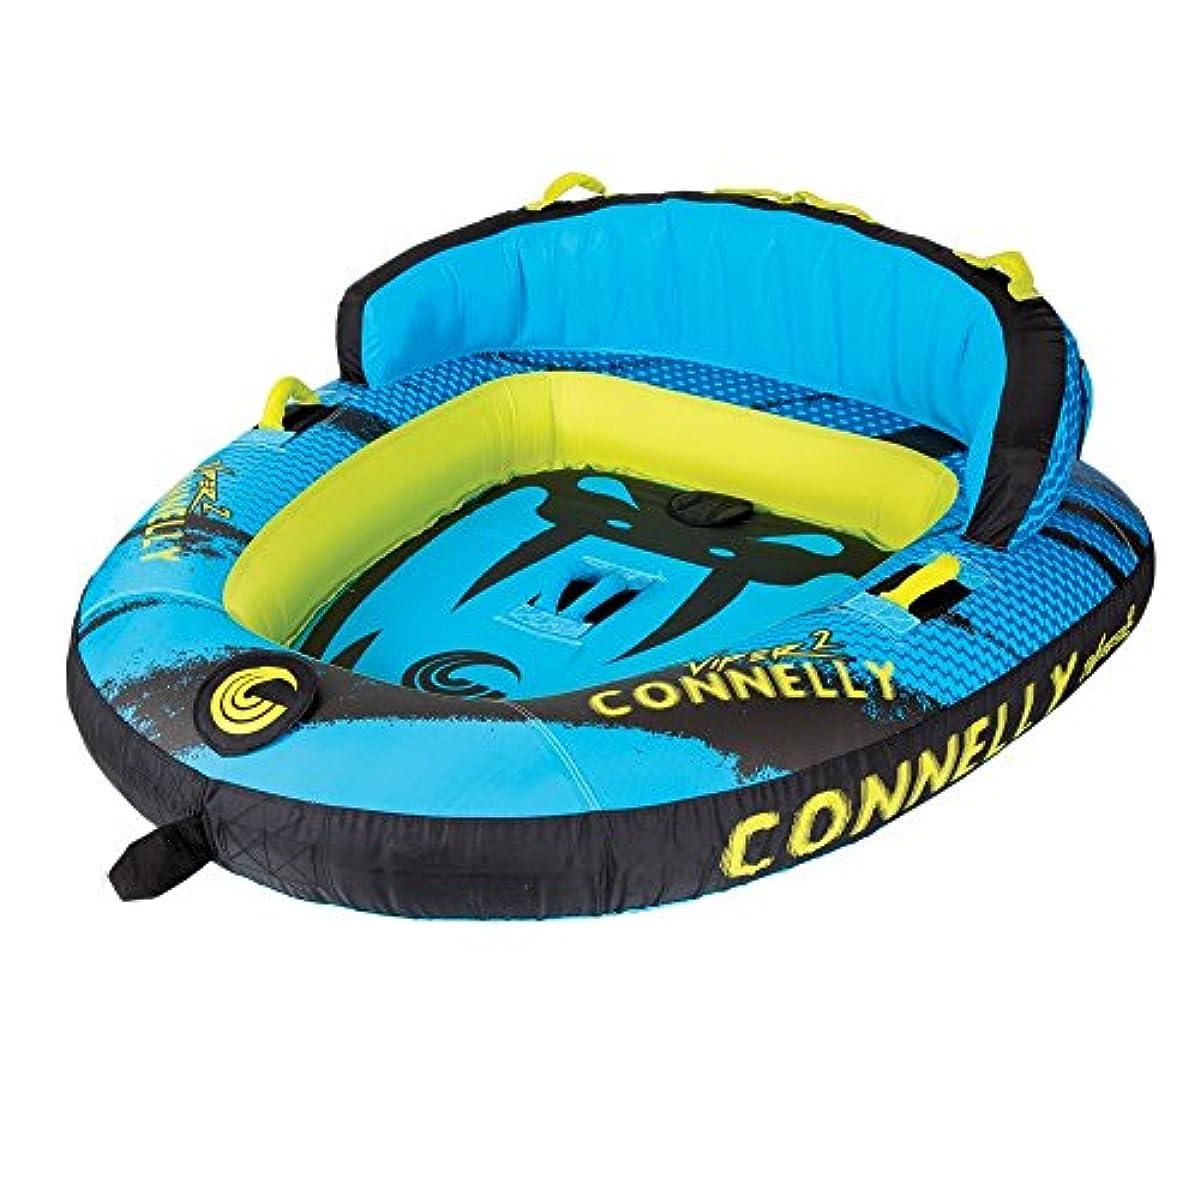 [해외] CONNELLY VIPER 2 COCKPIT TOWABLE TUBE-67161021